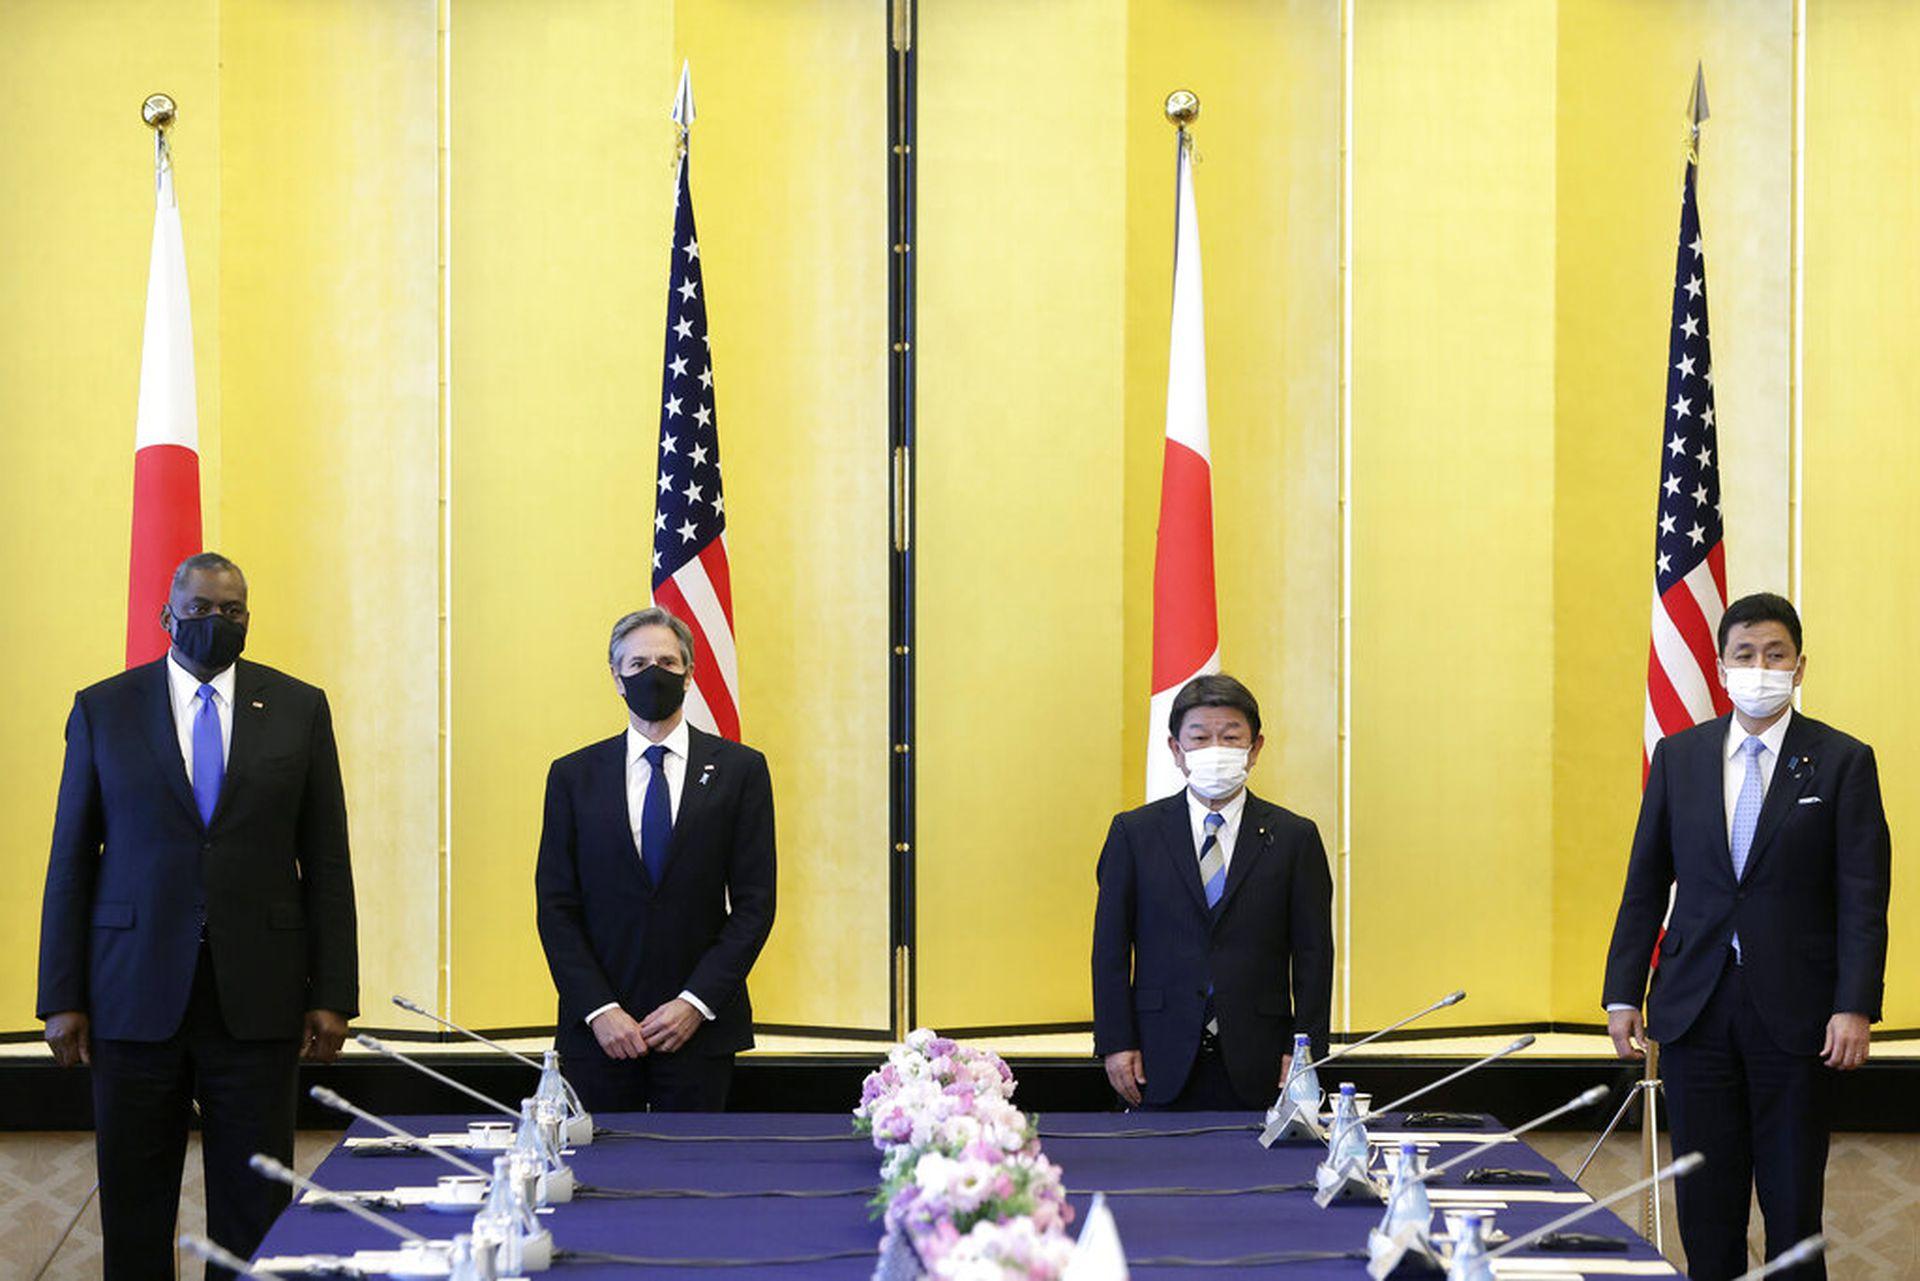 多维:日本成中美最前线 拜登盟友外交指向何方(组图)